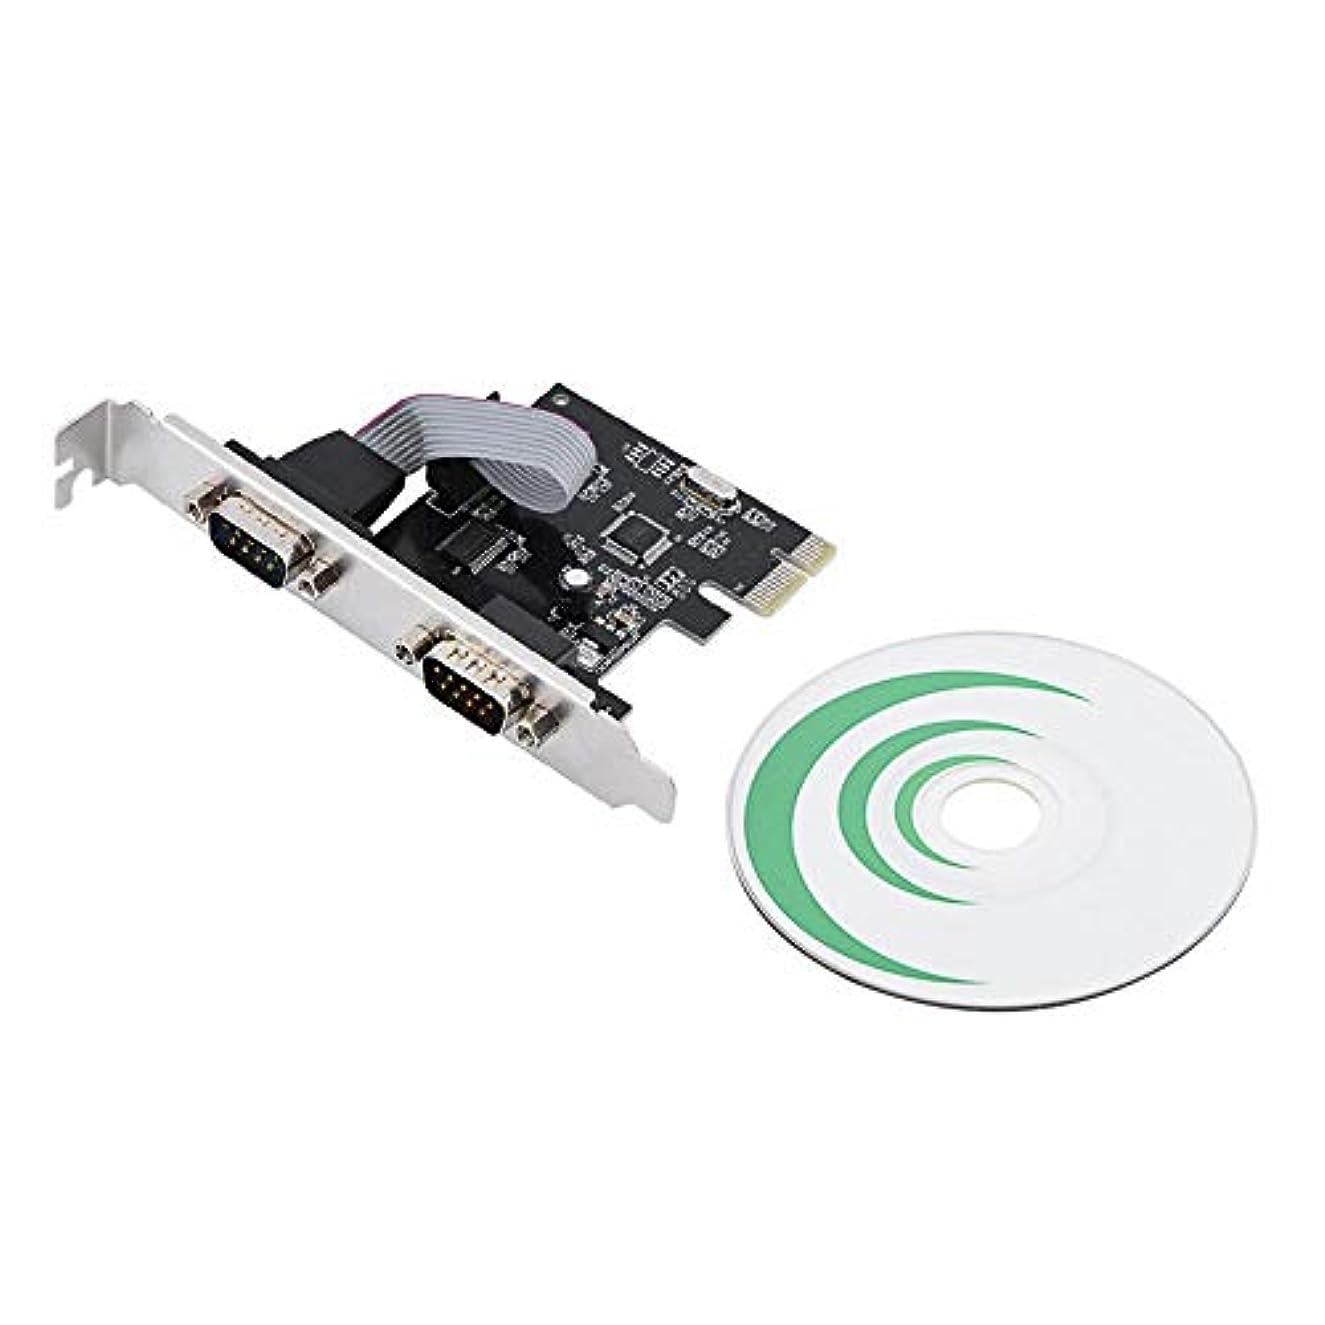 財団汚染された召喚するasixx PCI - E toシリアルカード, PCI - E PCI Express toデュアルシリアルdb9 rs232 2ポートコントローラアダプタカードPCI Express対応仕様リビジョン1.1